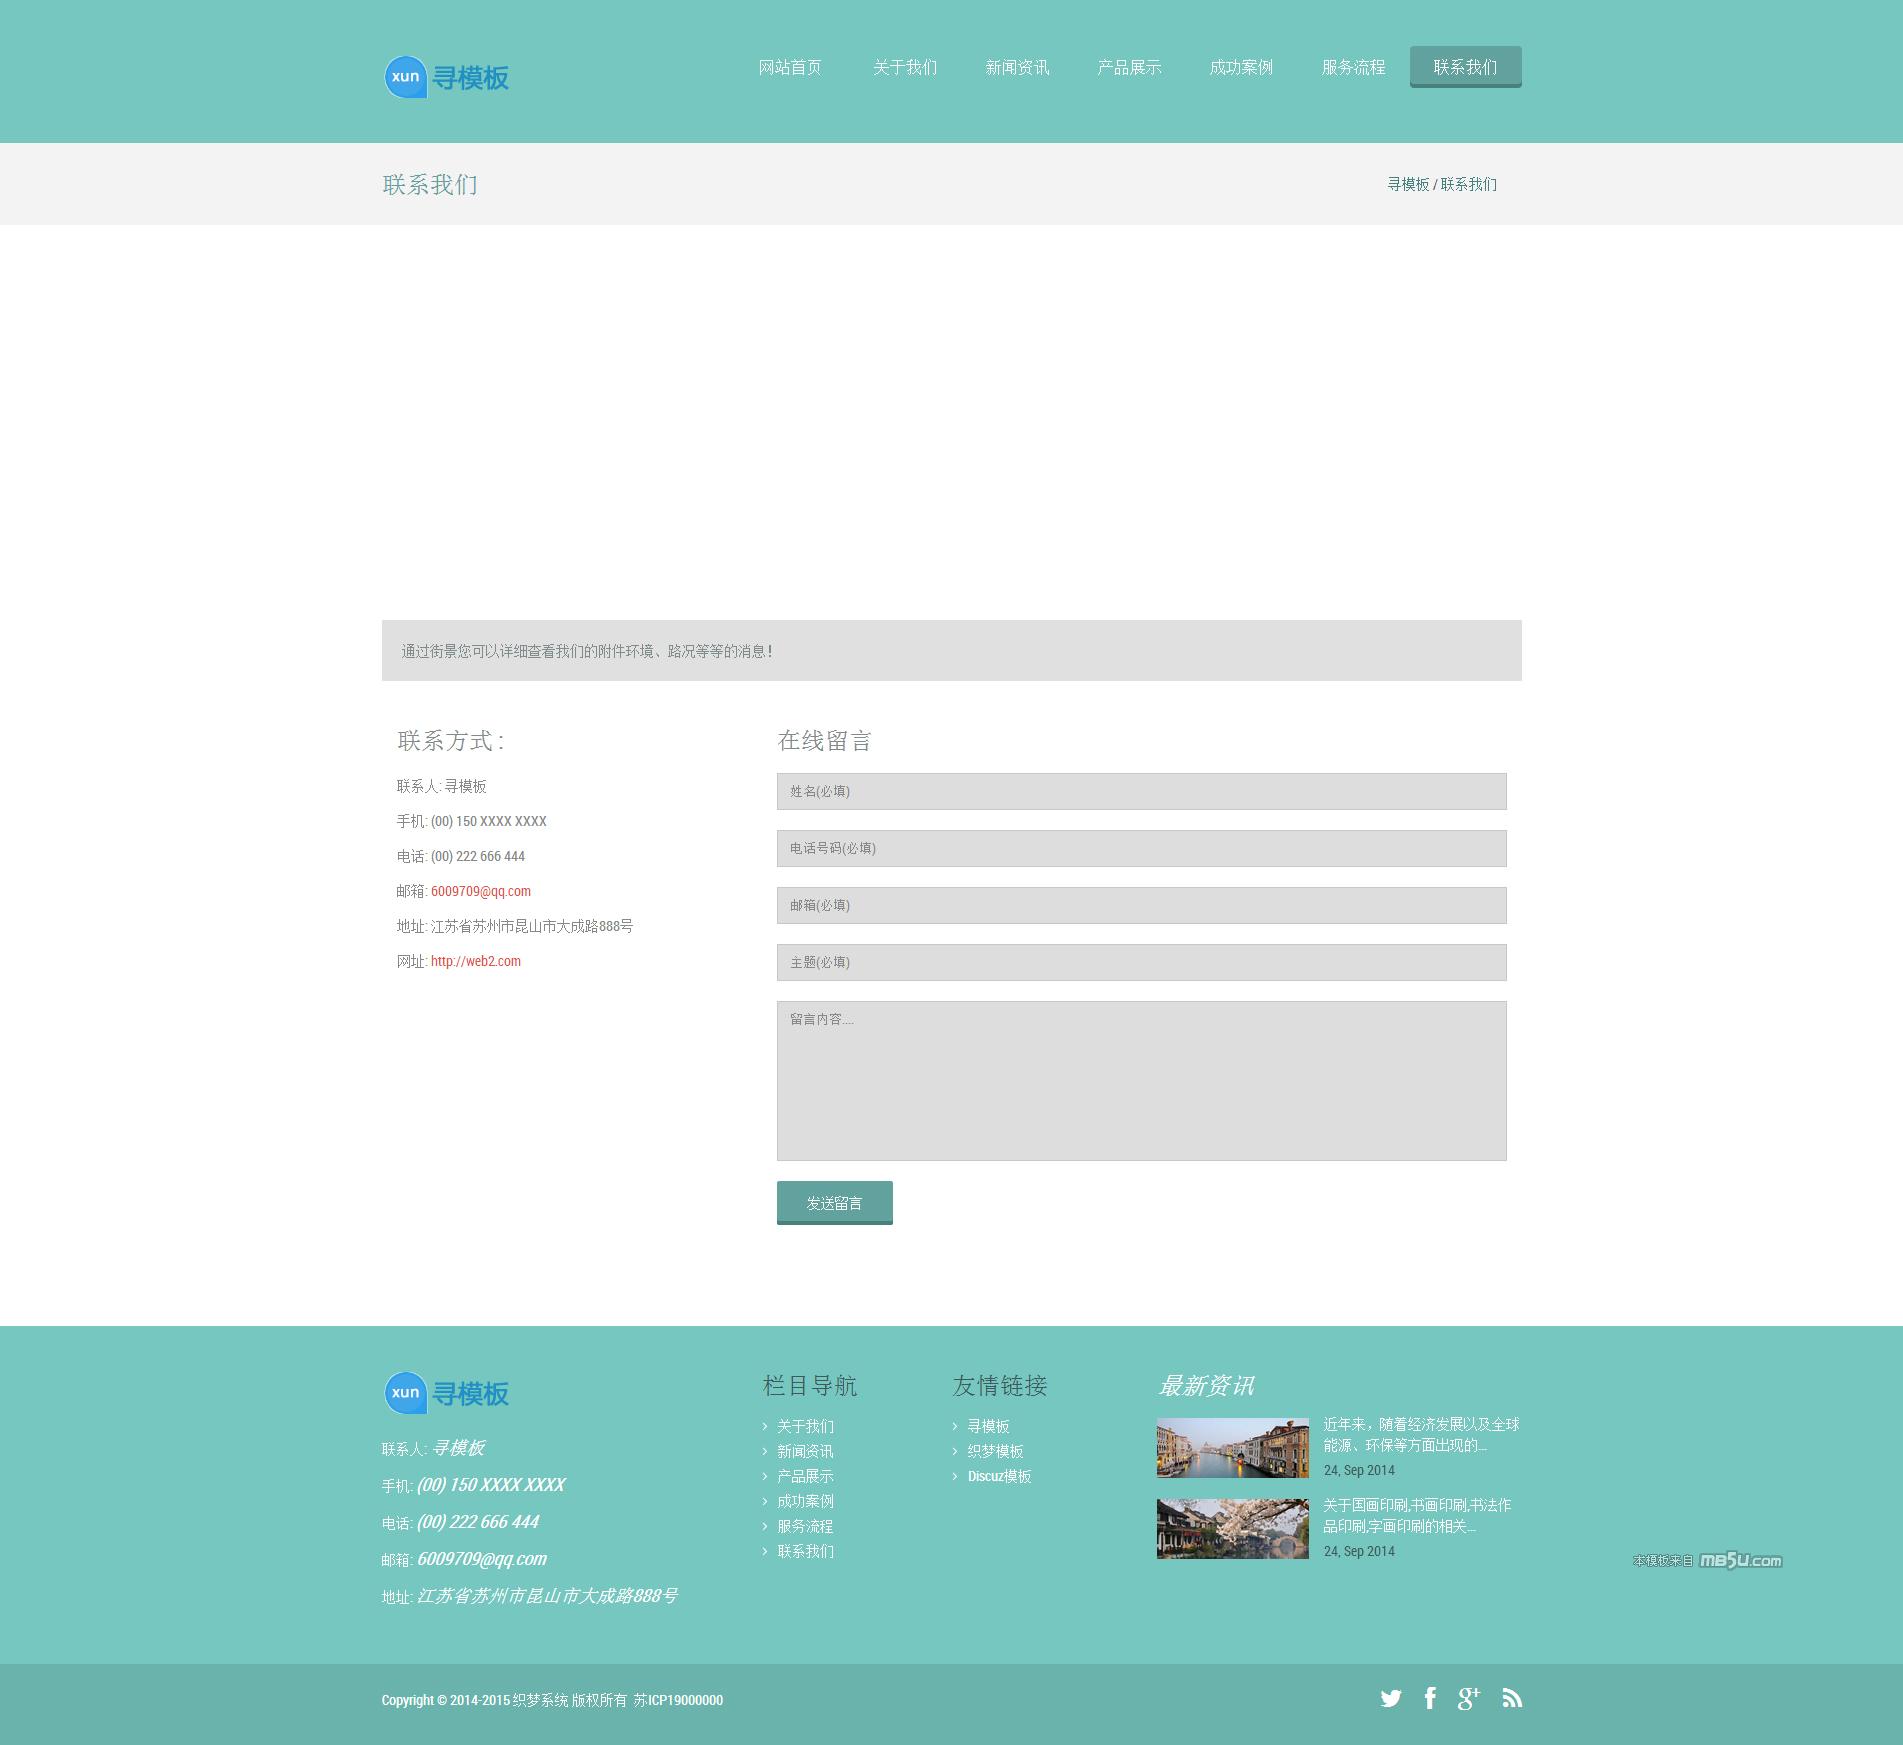 dede欧美风扁平响应式公司企业网站模板